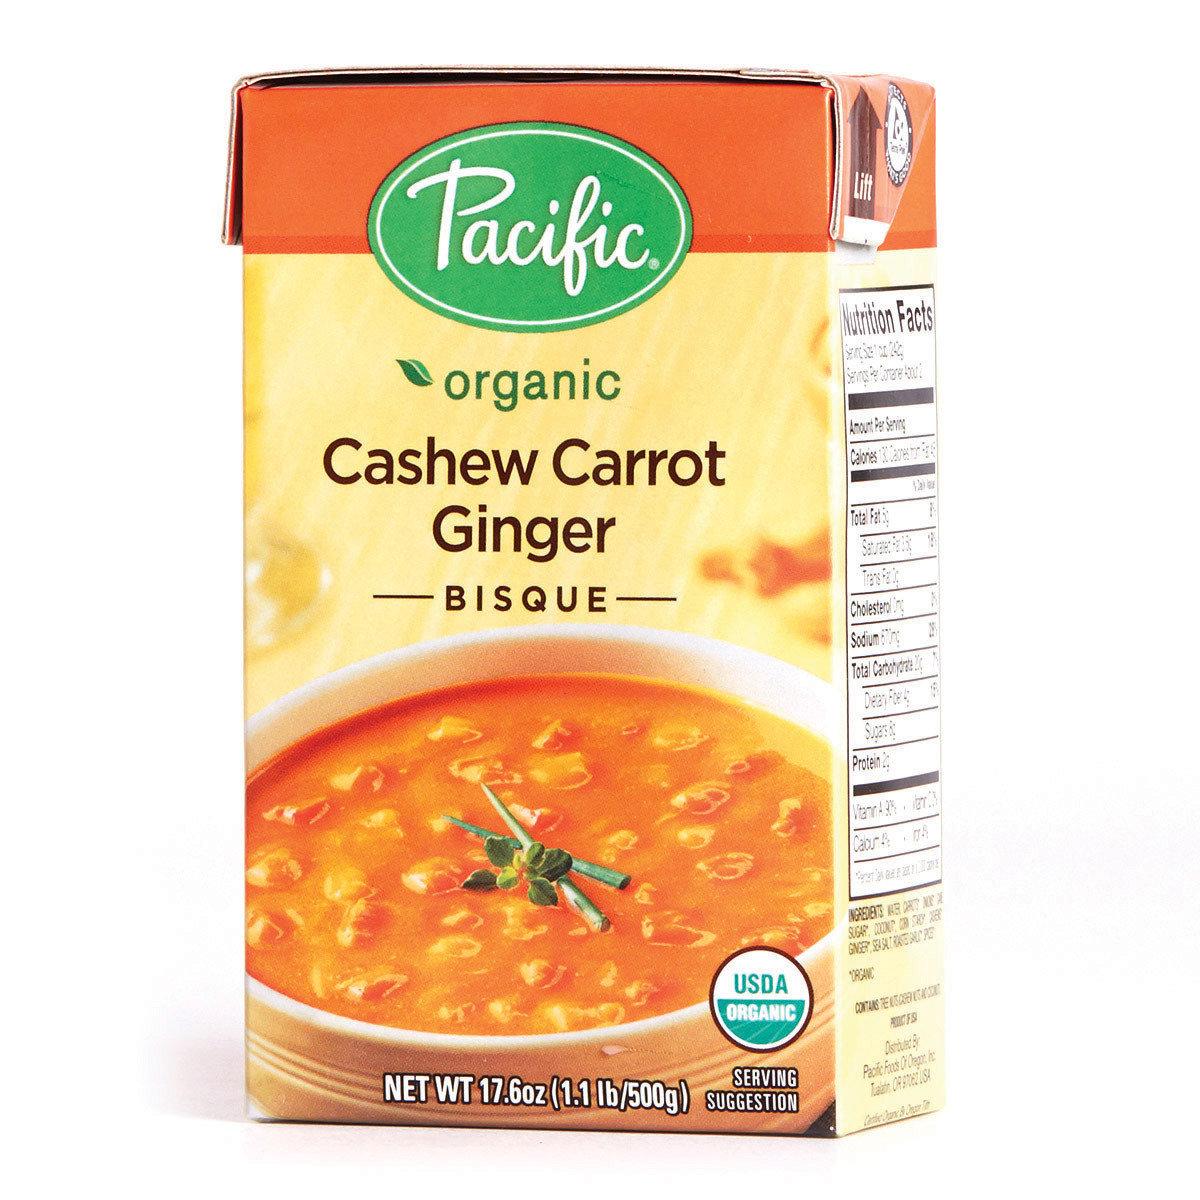 有機法式腰果紅蘿蔔薑濃湯